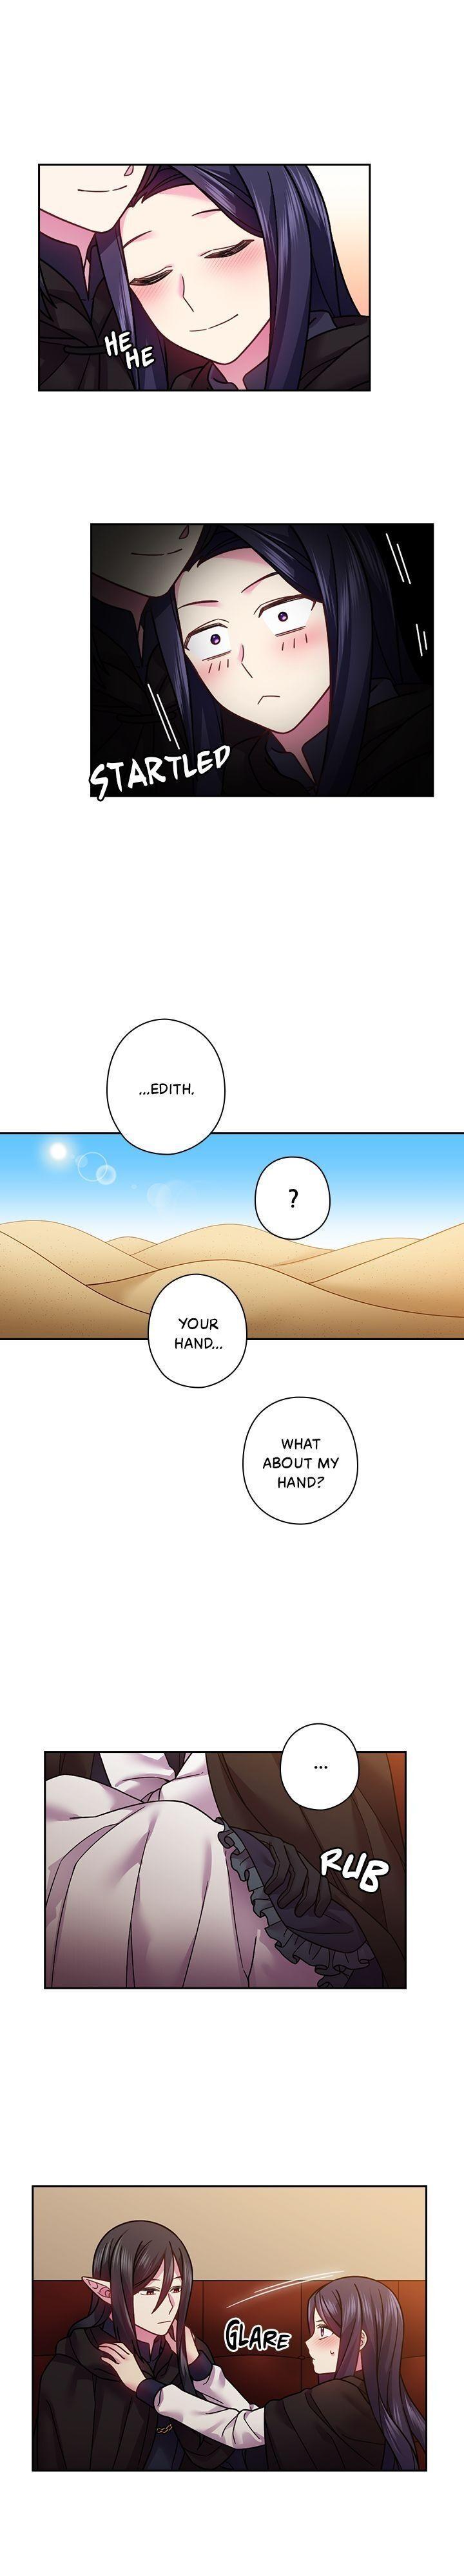 Ningen Desuga Maou Totsugu Koto Ni Narimashita Chapter 100 page 11 - Mangakakalots.com